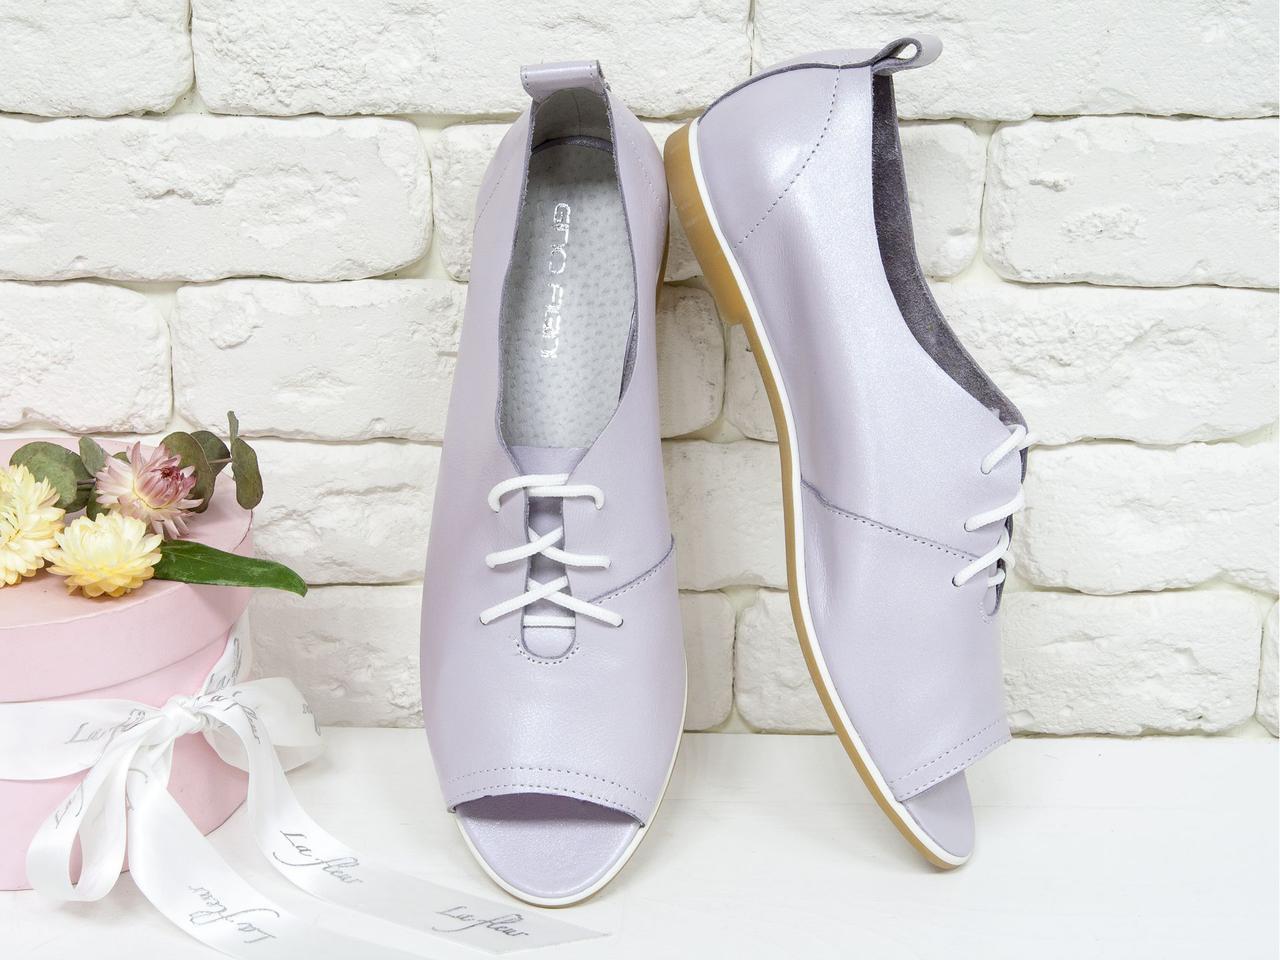 Легкие женские туфли на тонкой подошве из натуральной кожи лилового цвета с мерцанием.